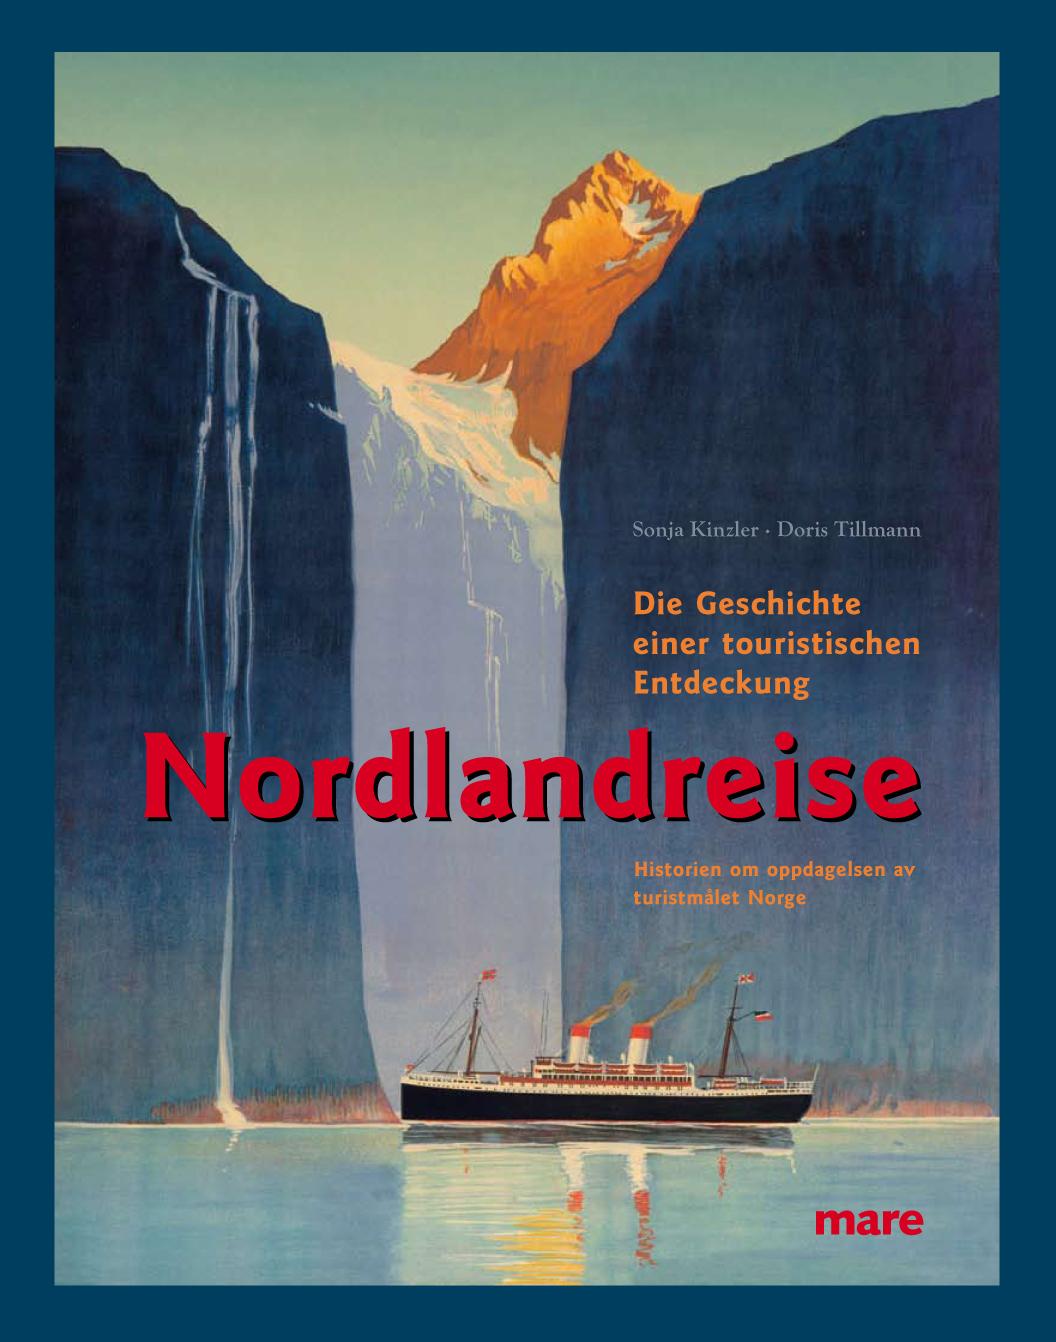 Titel Ausstellungsbuch Nordlandreise gestaltet von Eckstein und Hagestedt 2010